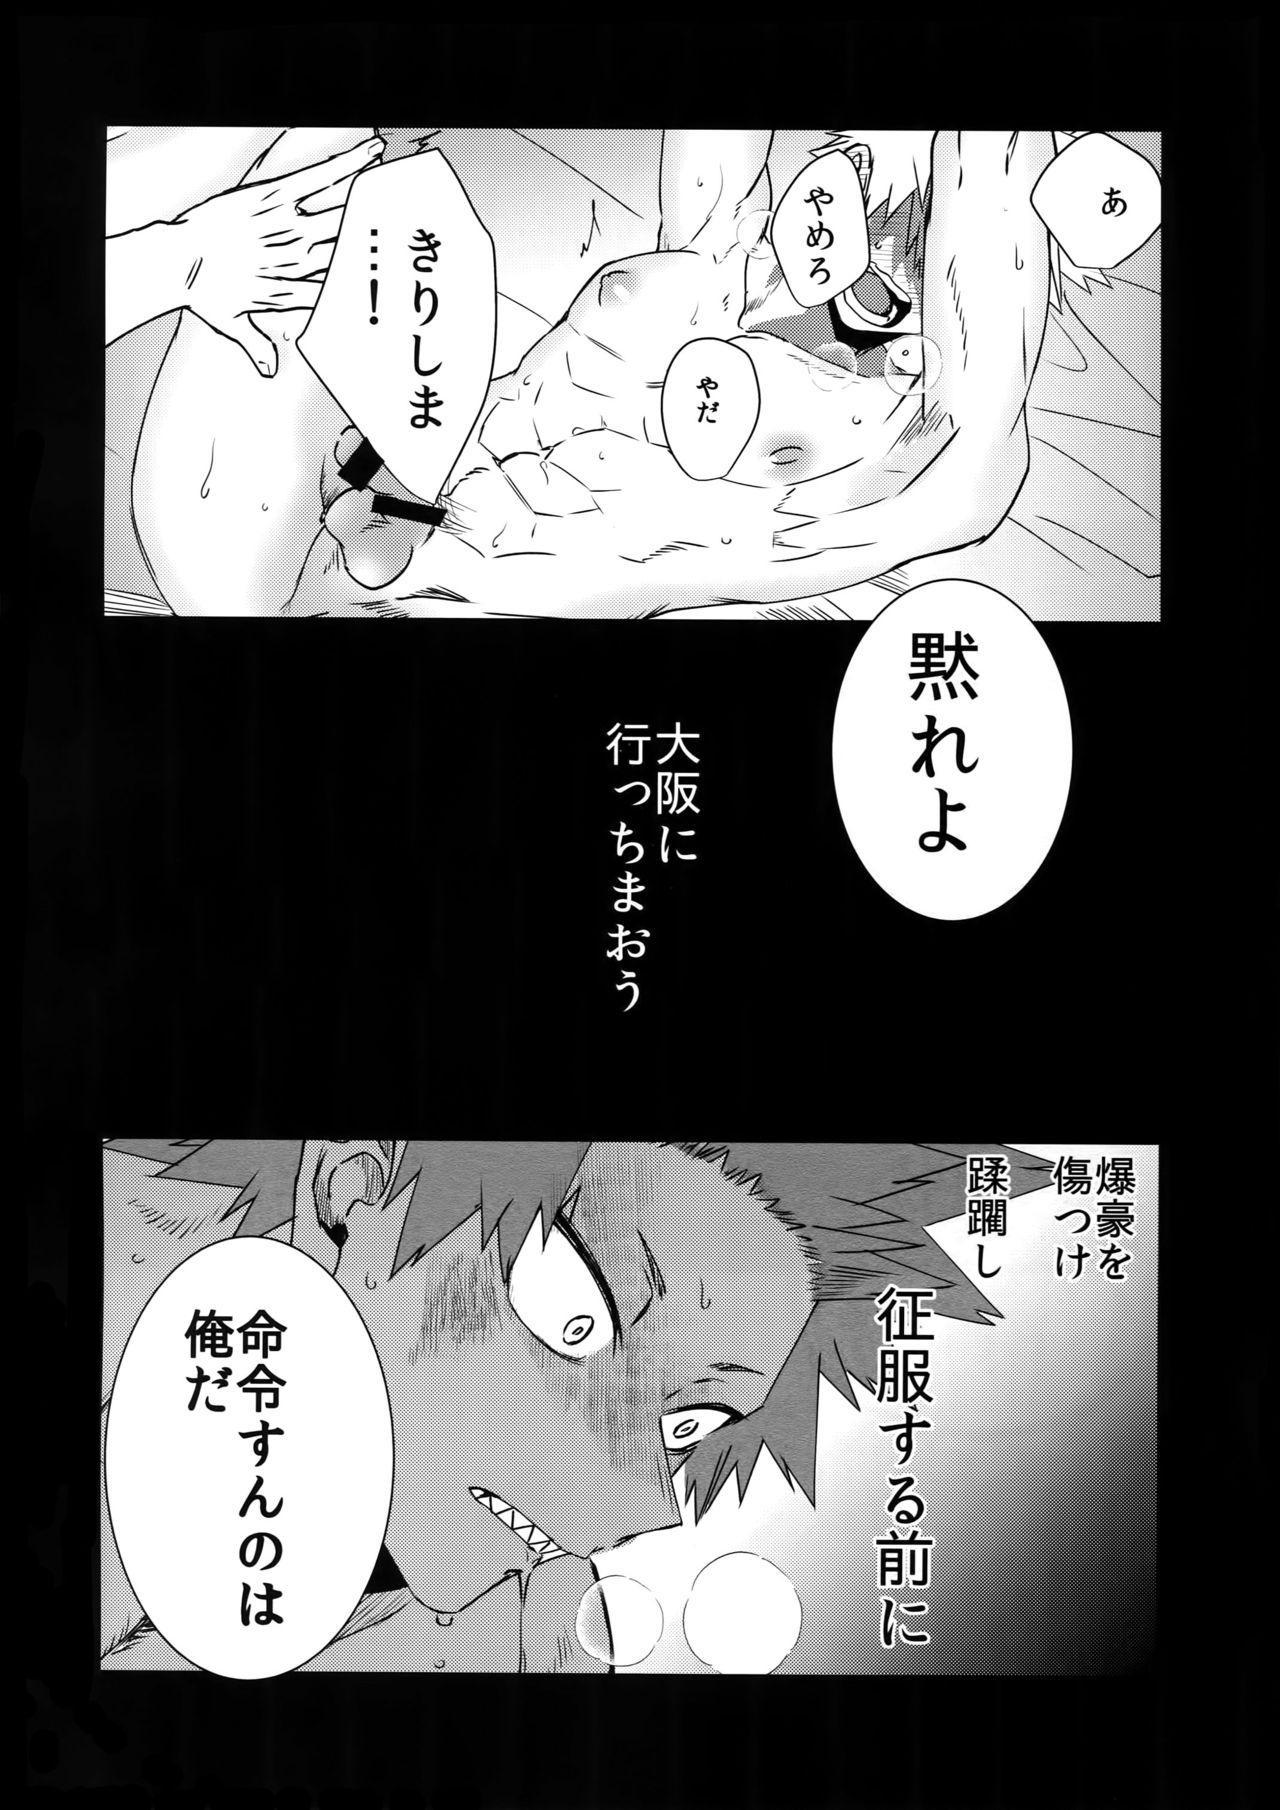 Seifuku Shite Korosu 54